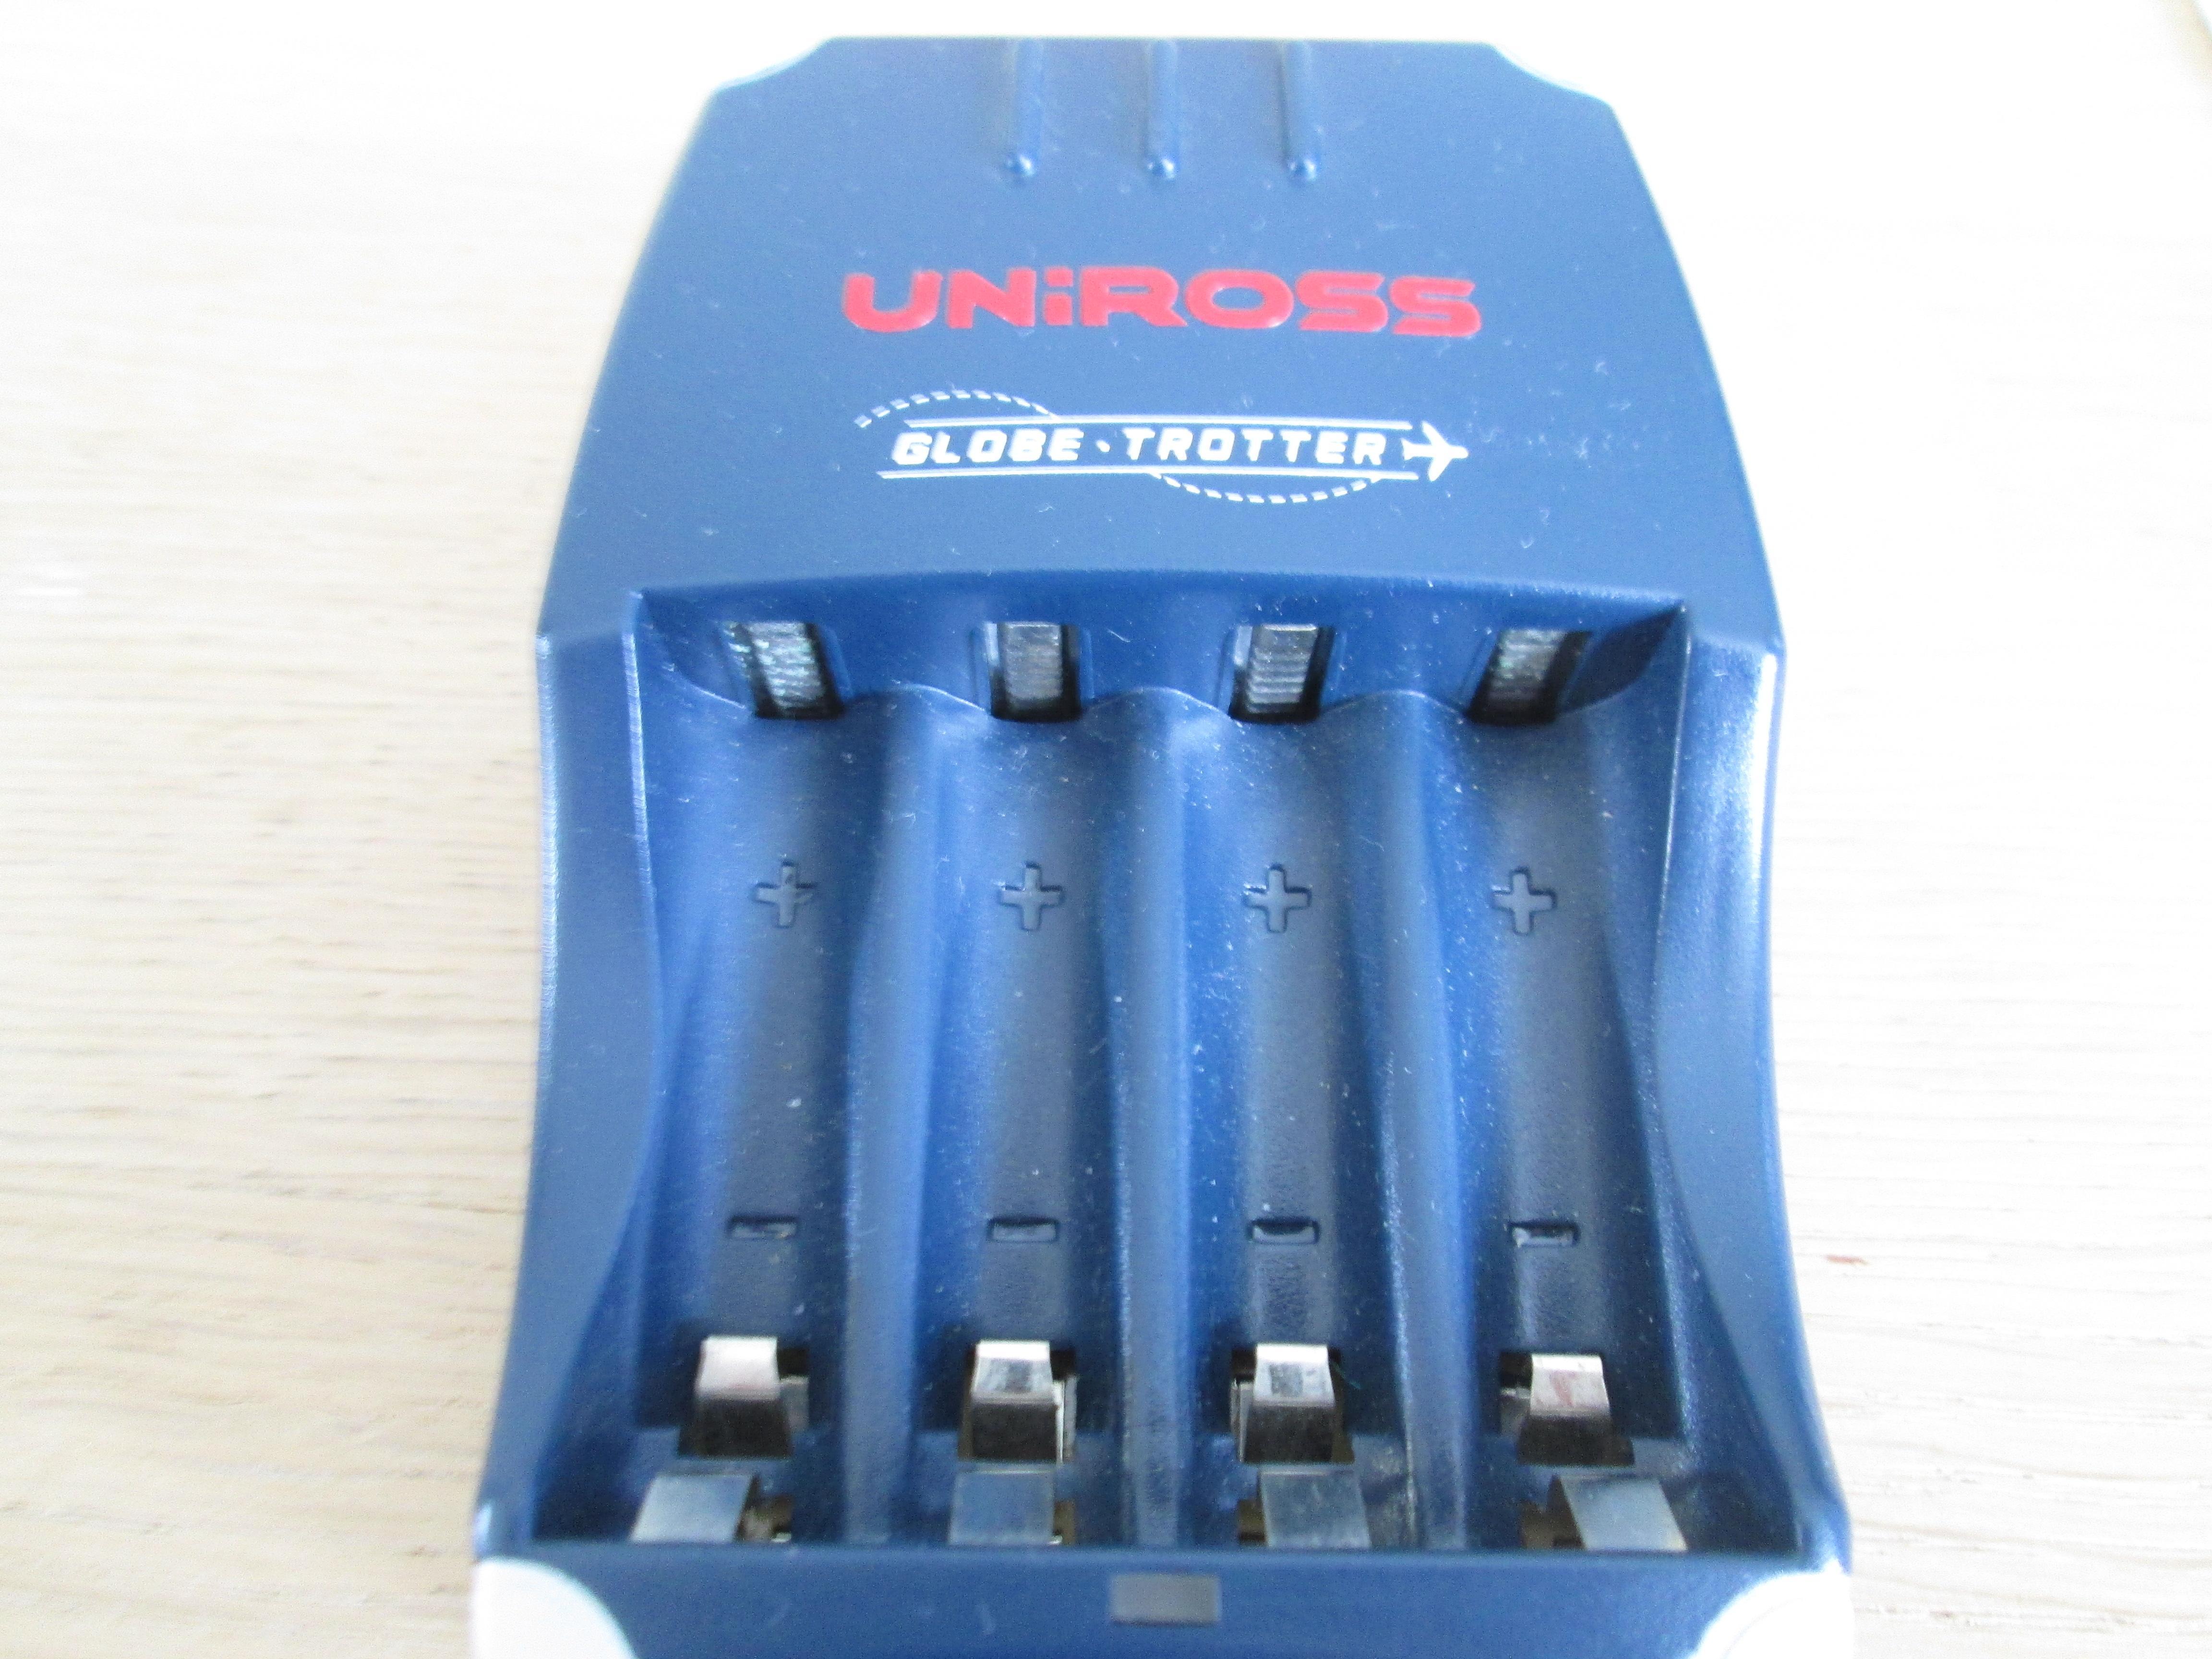 troc de troc chargeur de piles que j'ai eu sur le site 3 noisettes origine américaine image 0